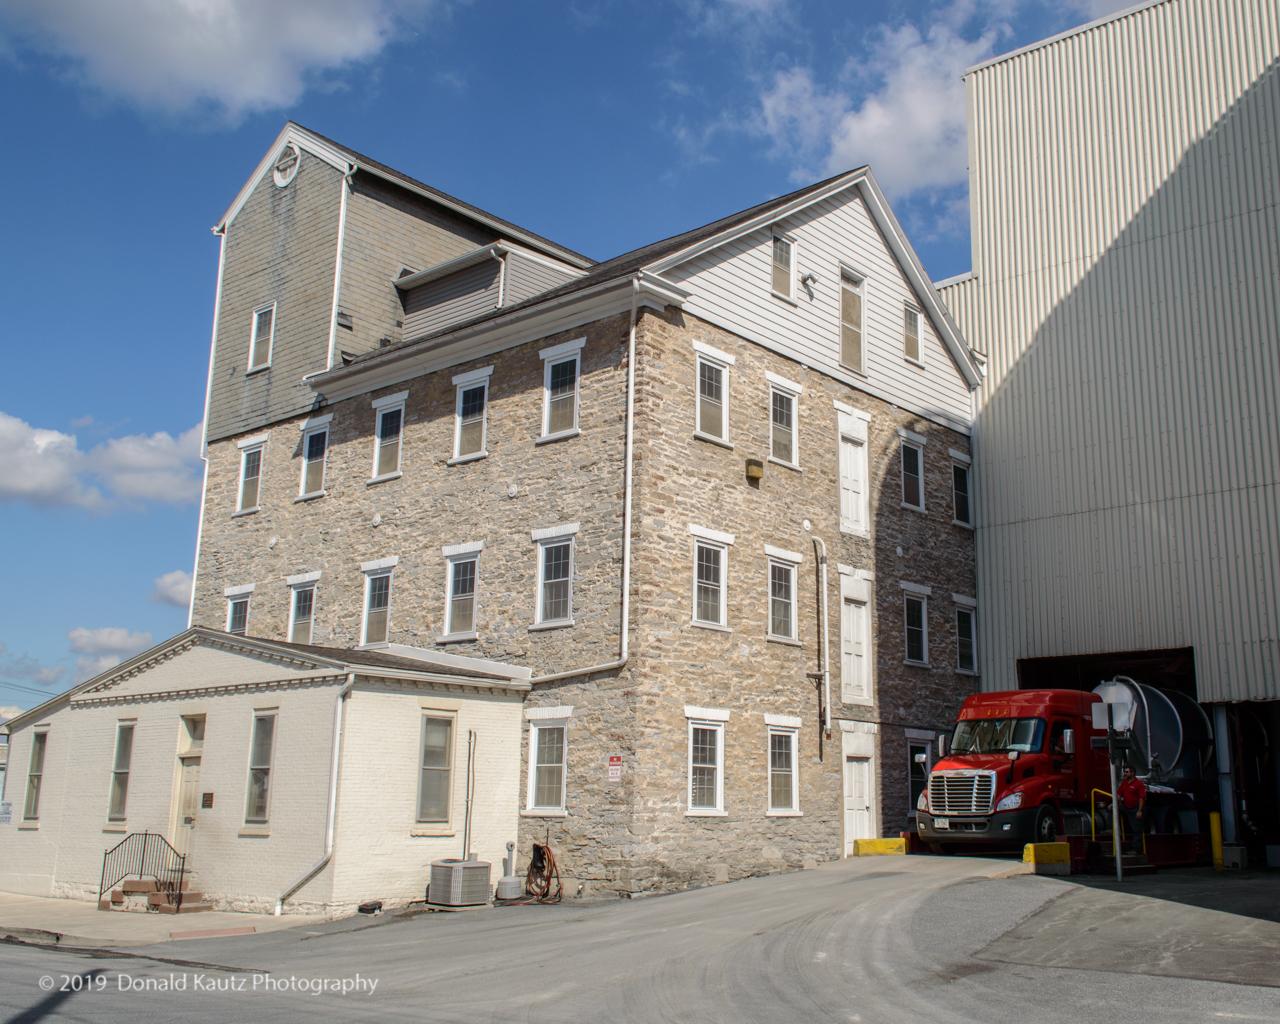 Spangler's Mill